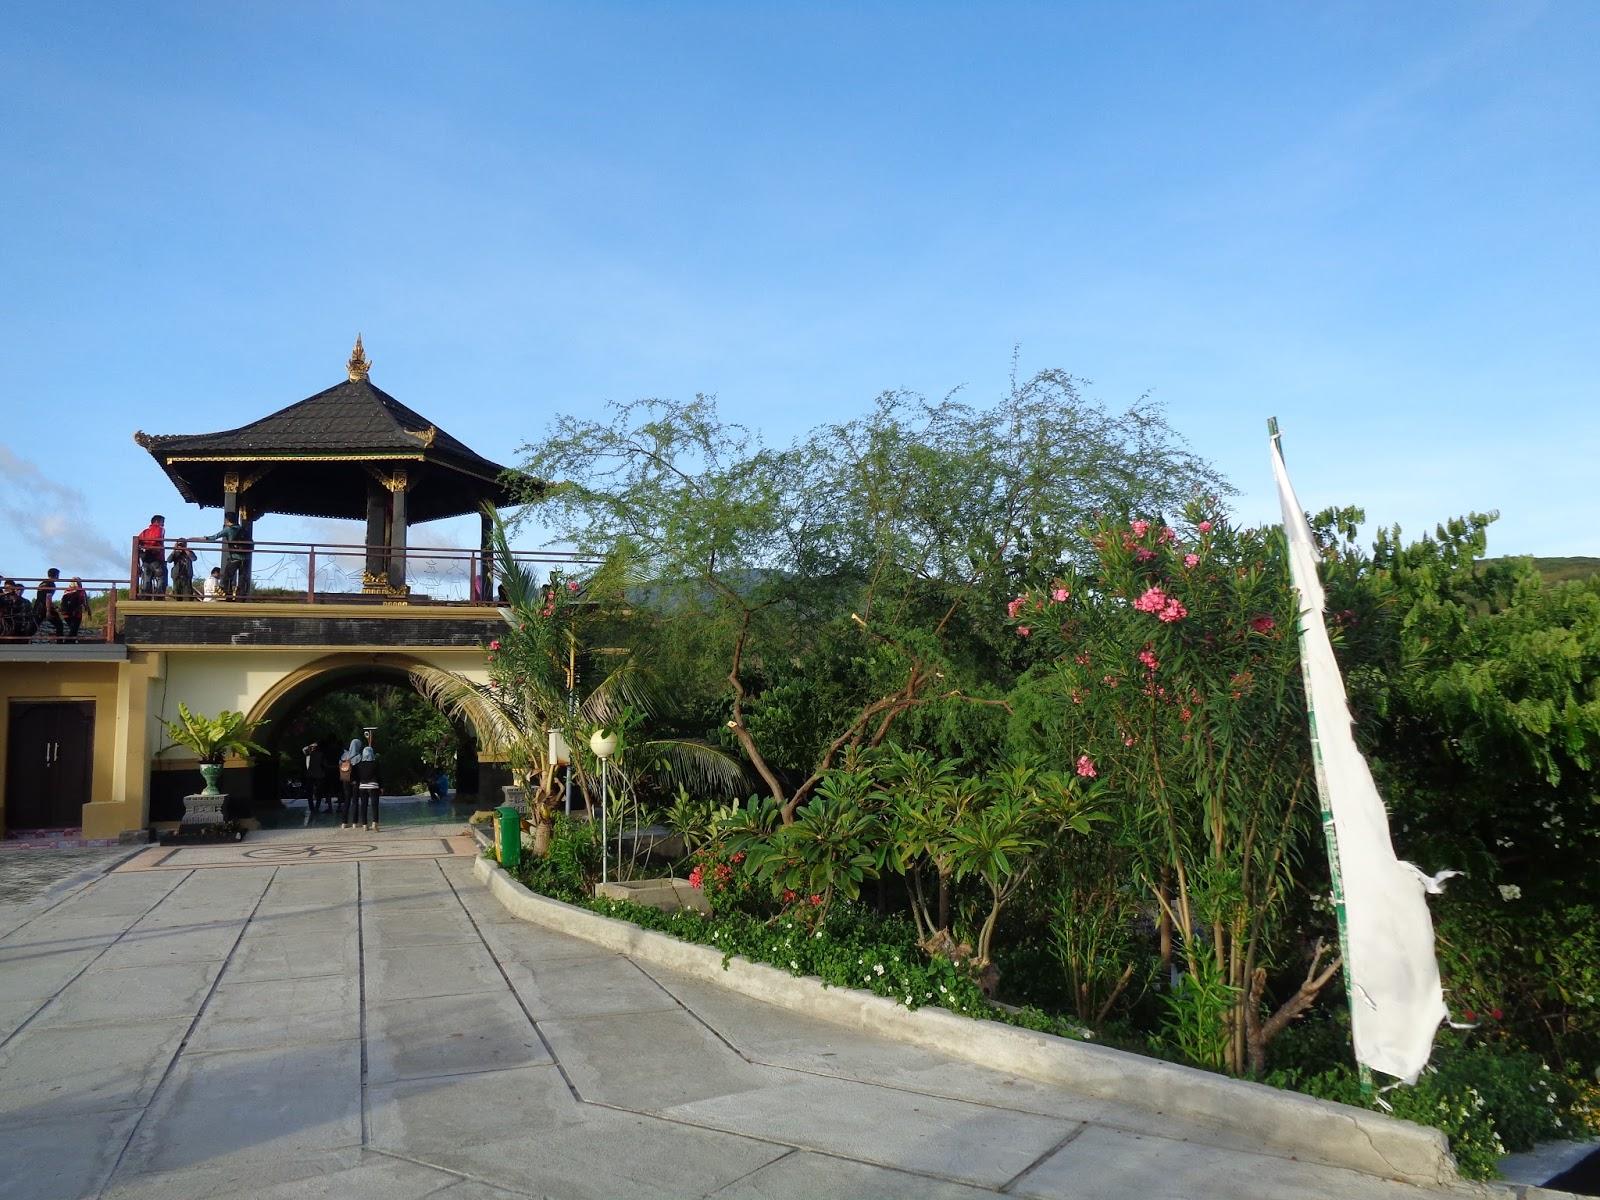 Taman Nosarara Nosabatutu Gong Perdamaian Great Photo Indonesia Sulteng Tugu